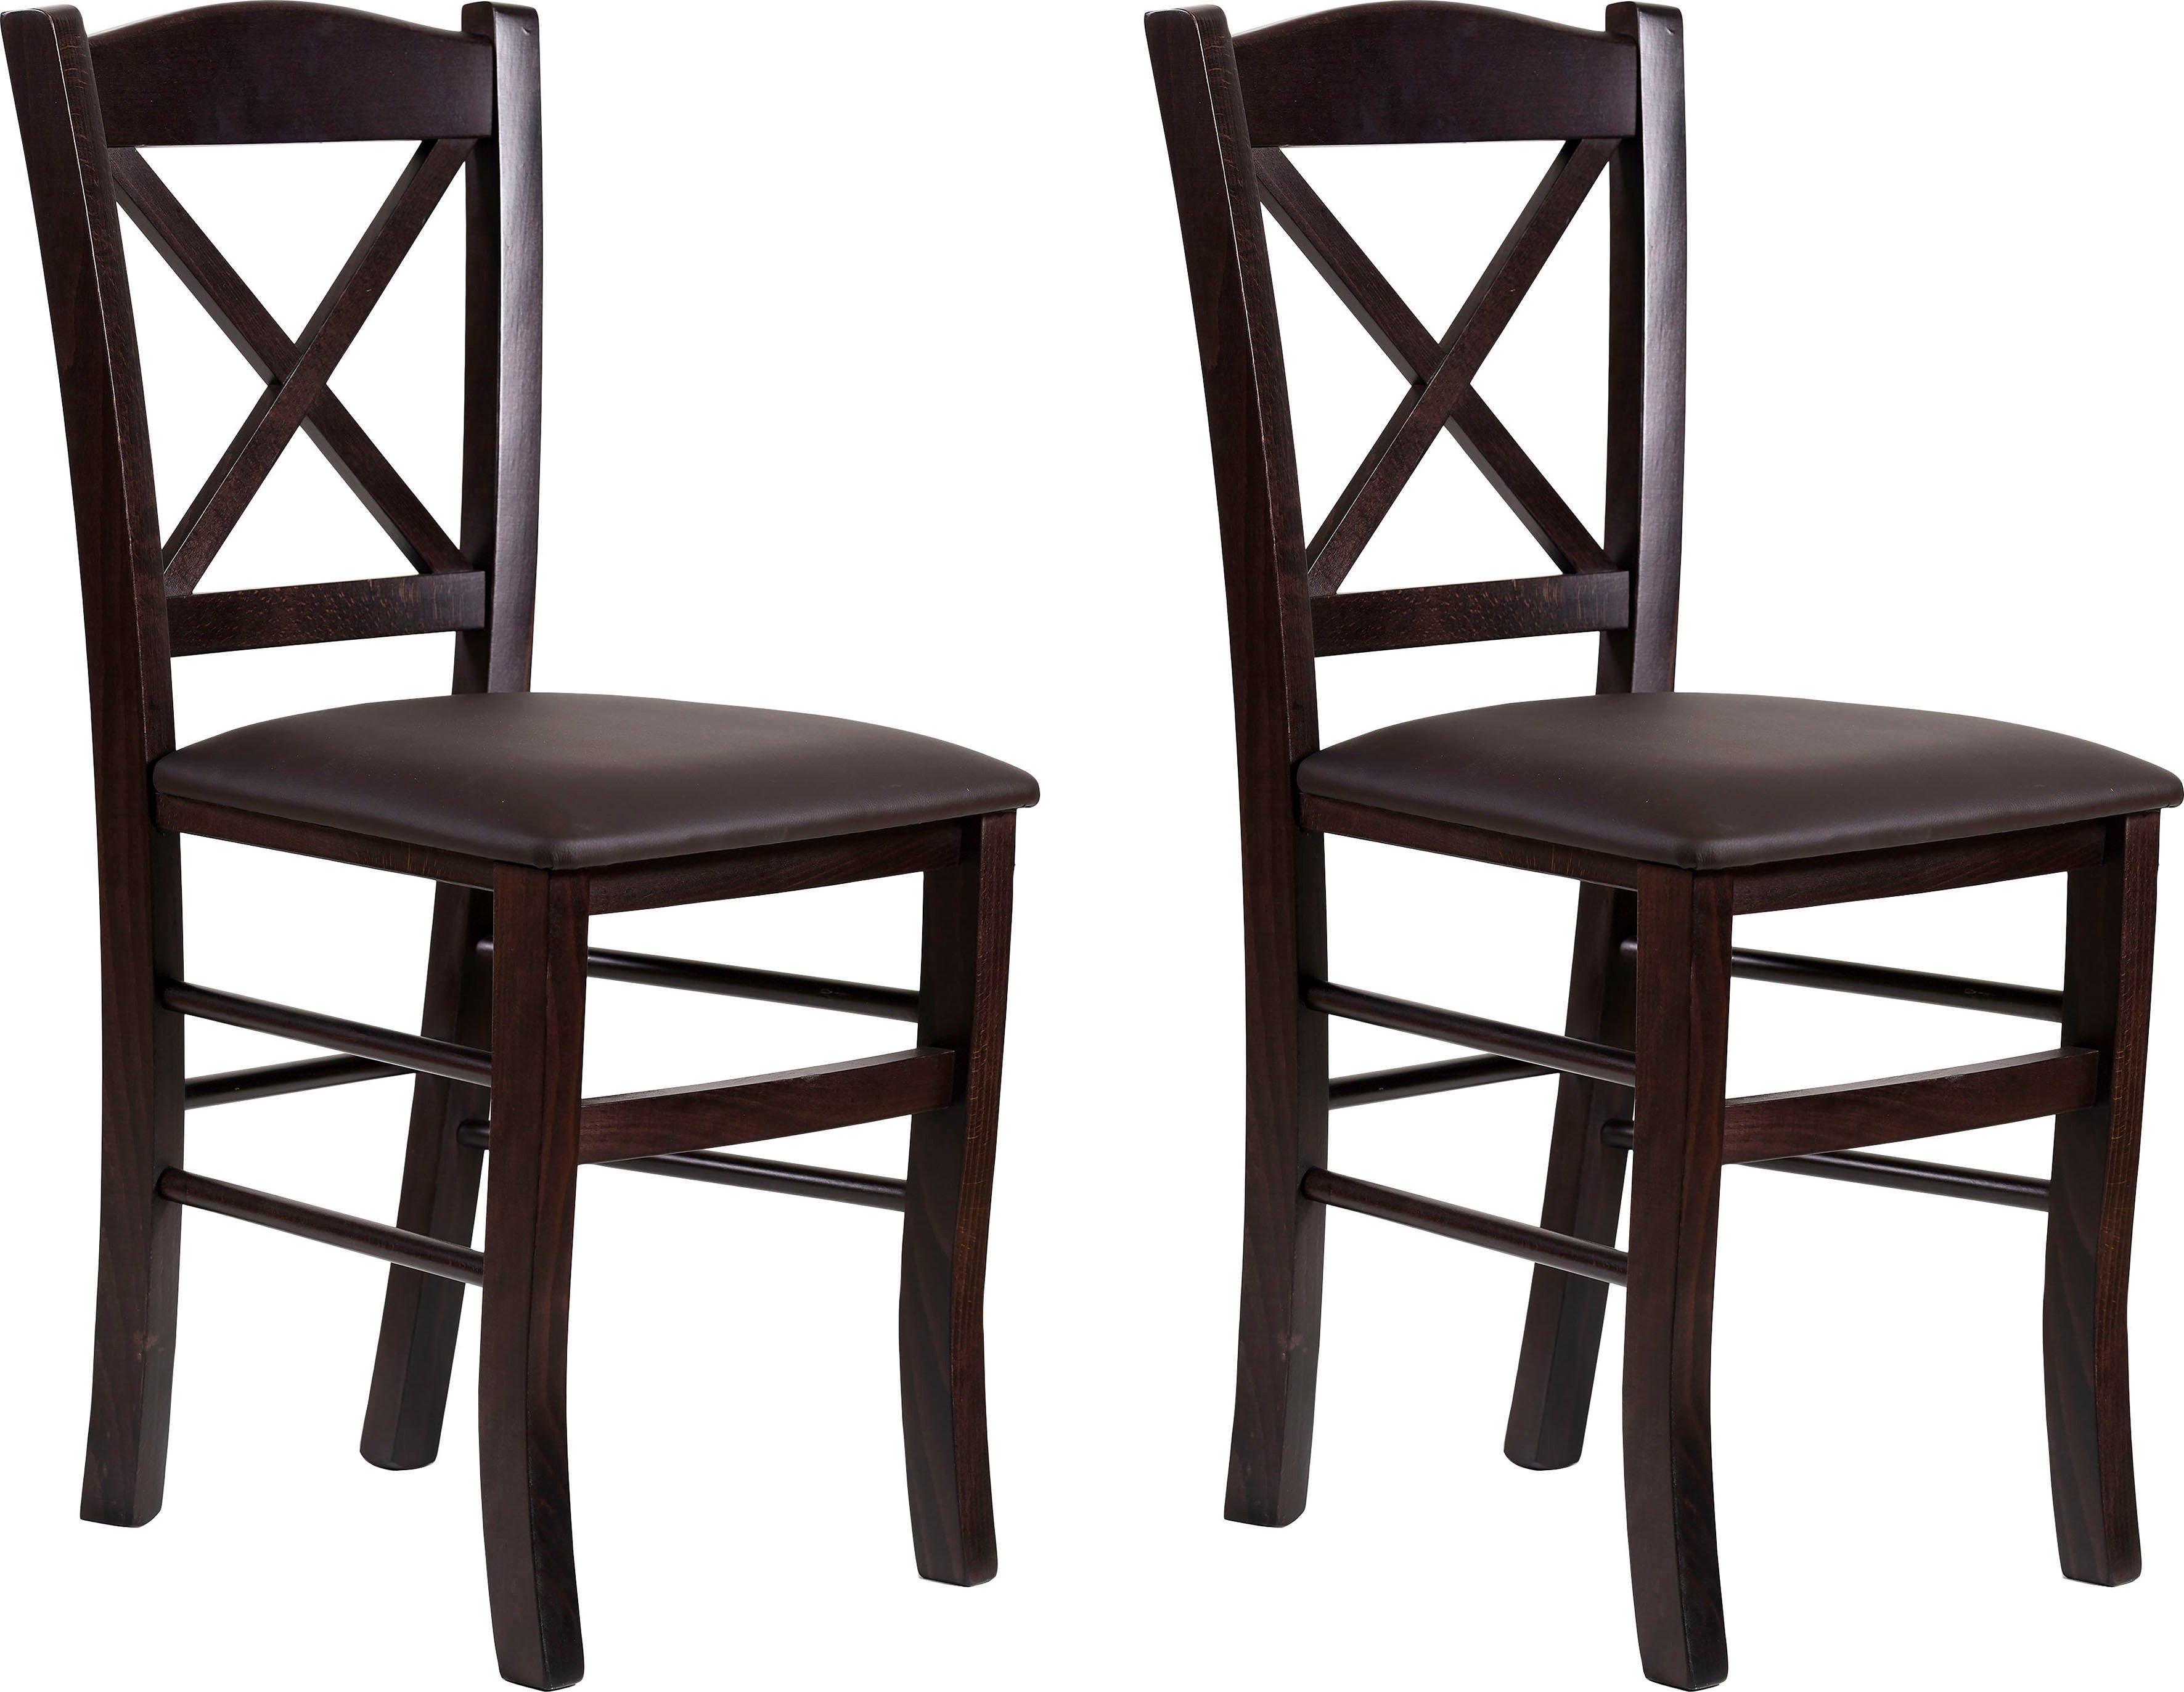 Home affaire eetkamerstoel Clayton met frame van massief hout (set, 2 stuks) bij OTTO online kopen